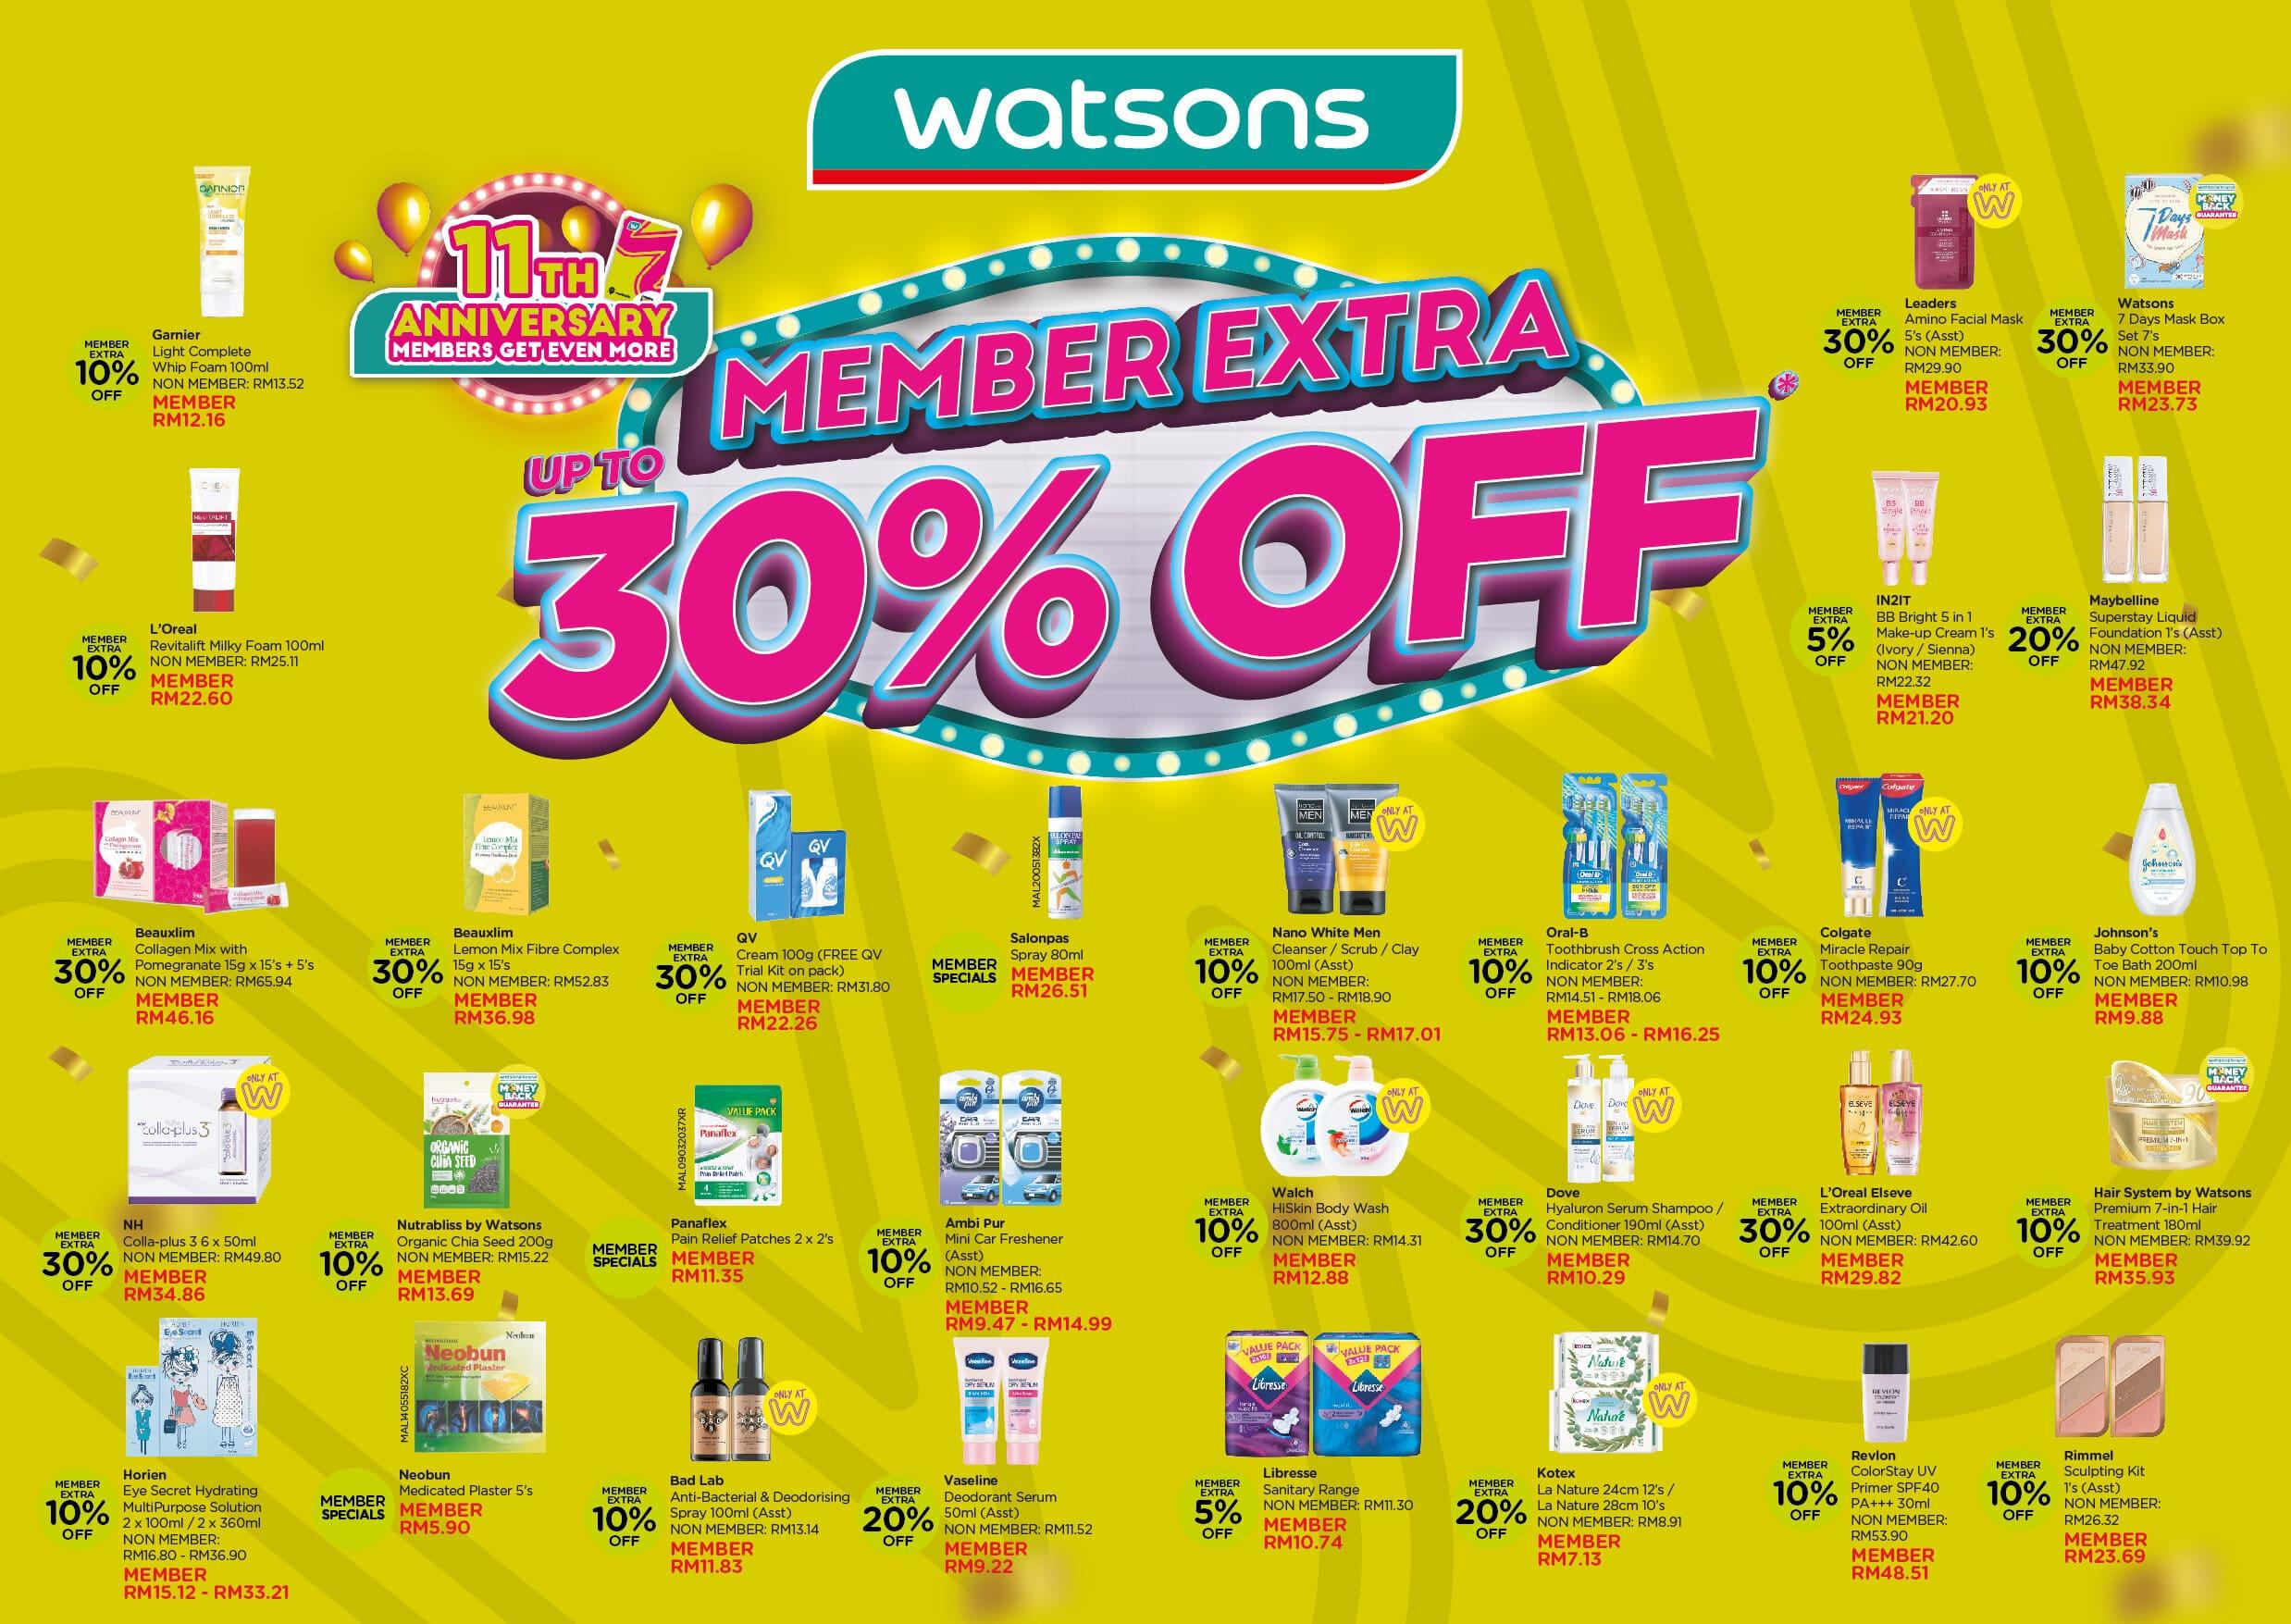 Diskaun 30% untuk ahli Watsons